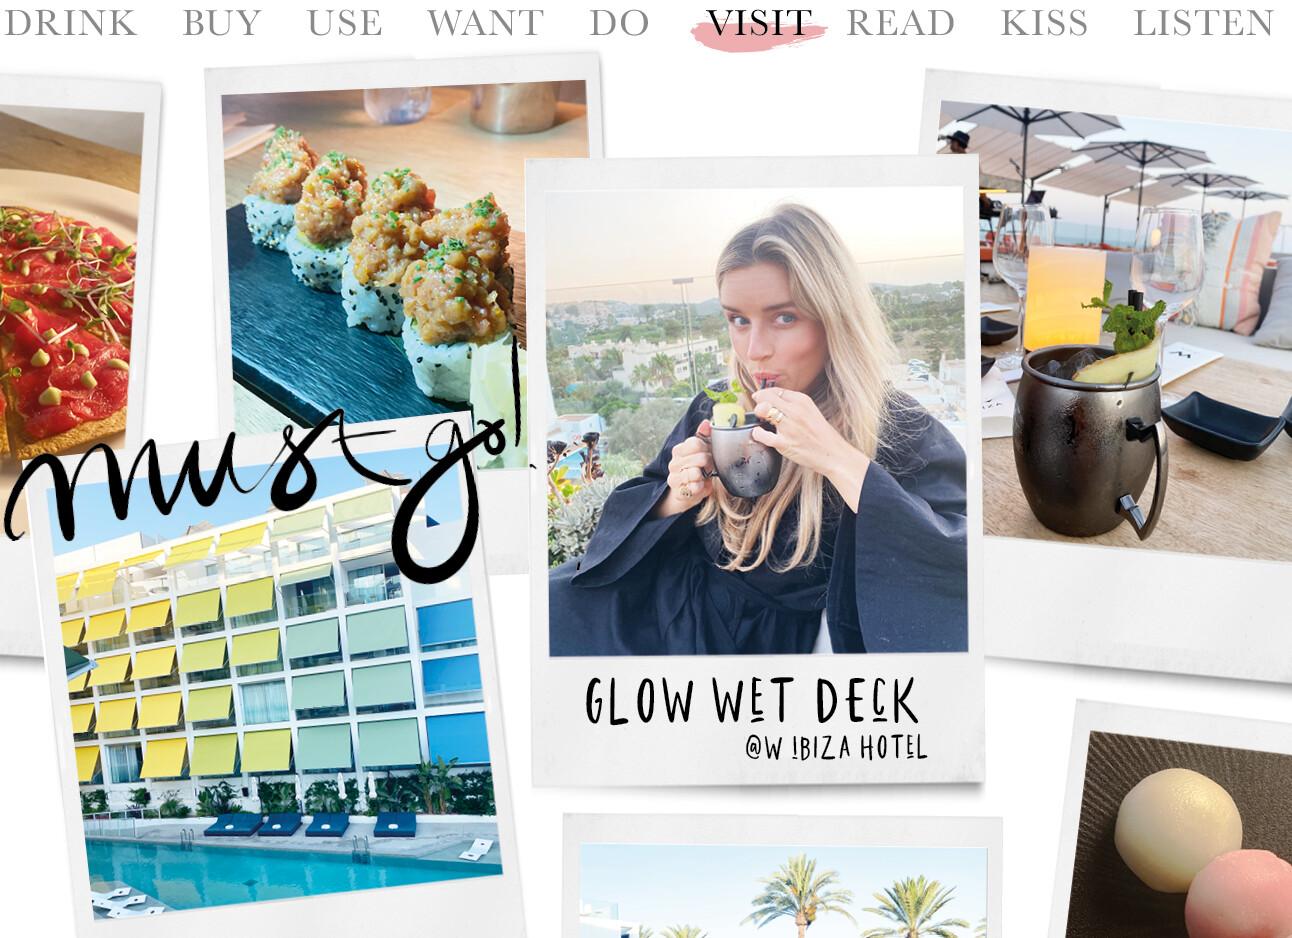 Glow WET deck